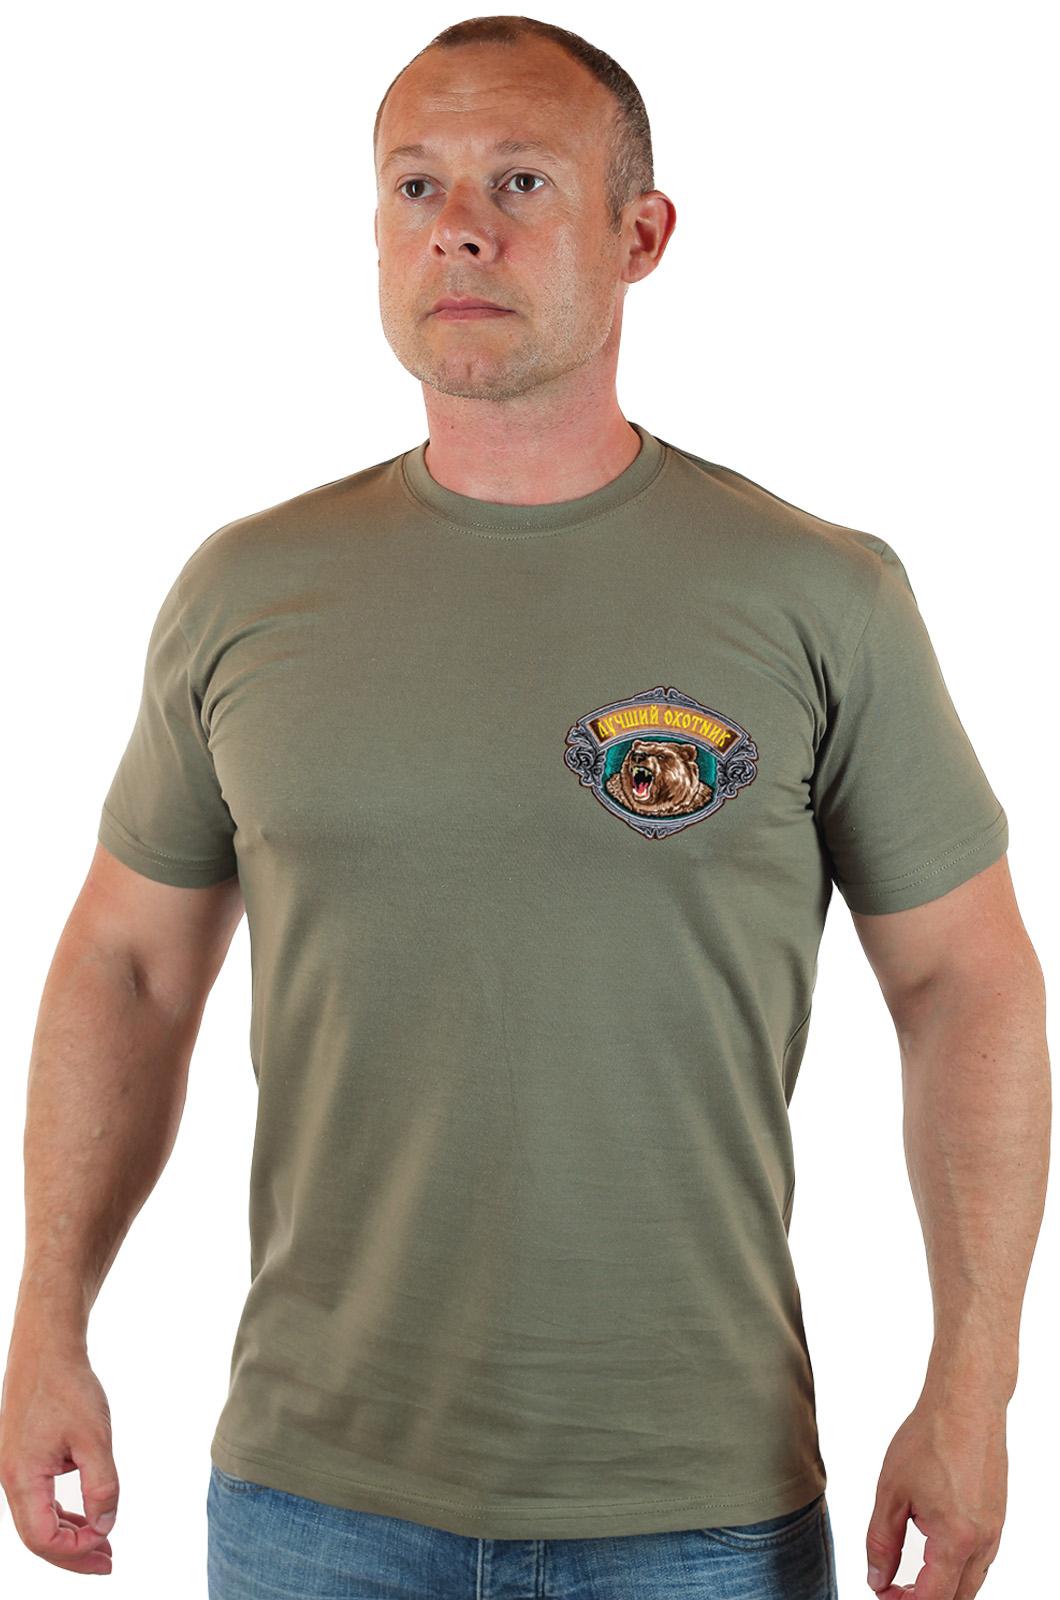 Где купить подарок охотнику? В Военпро есть крутые мужские футболки